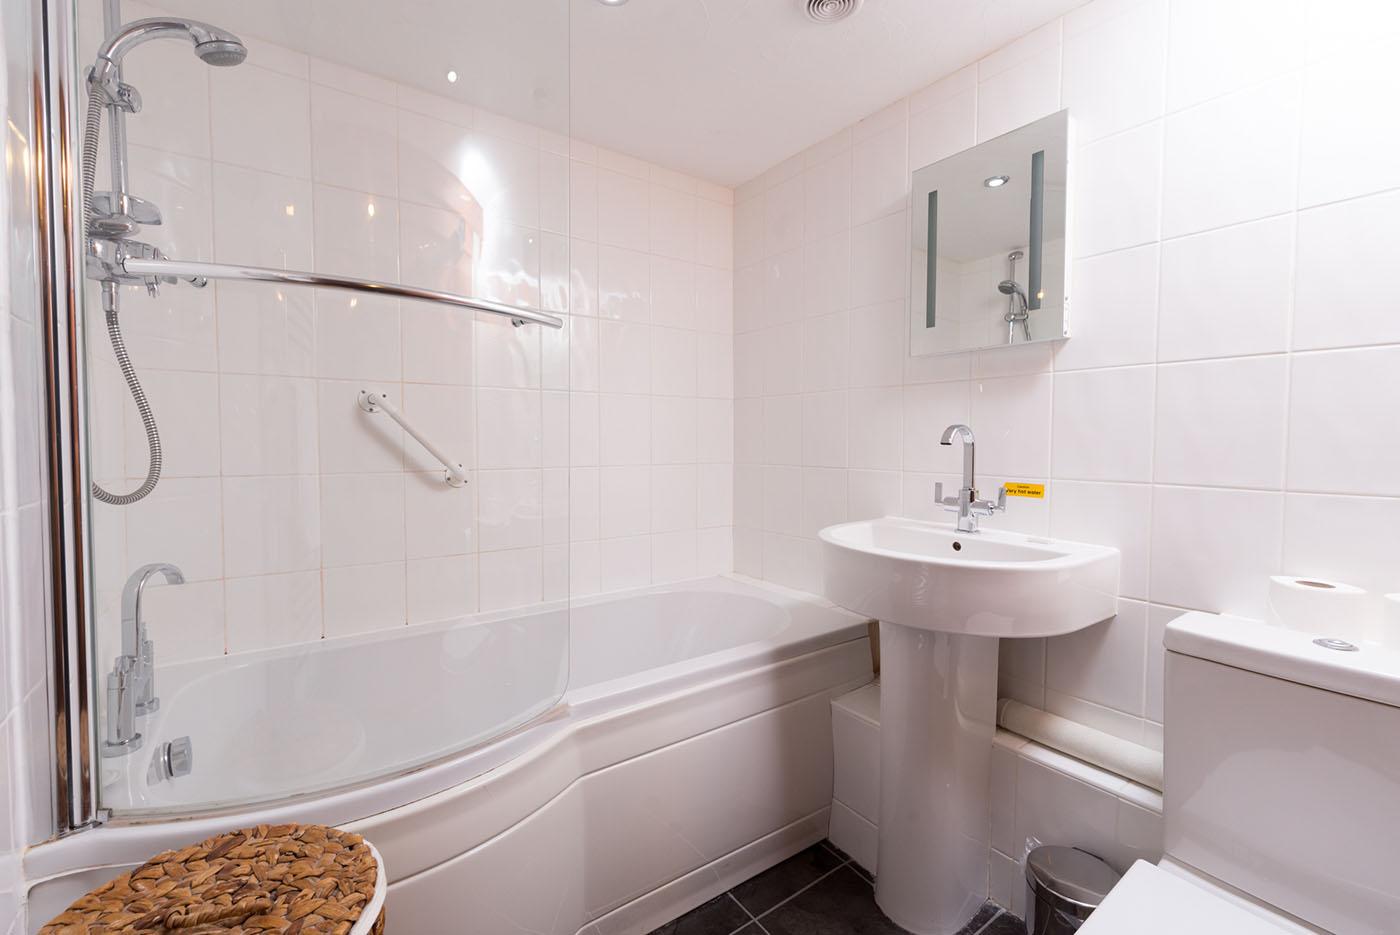 Lower mill bathroom